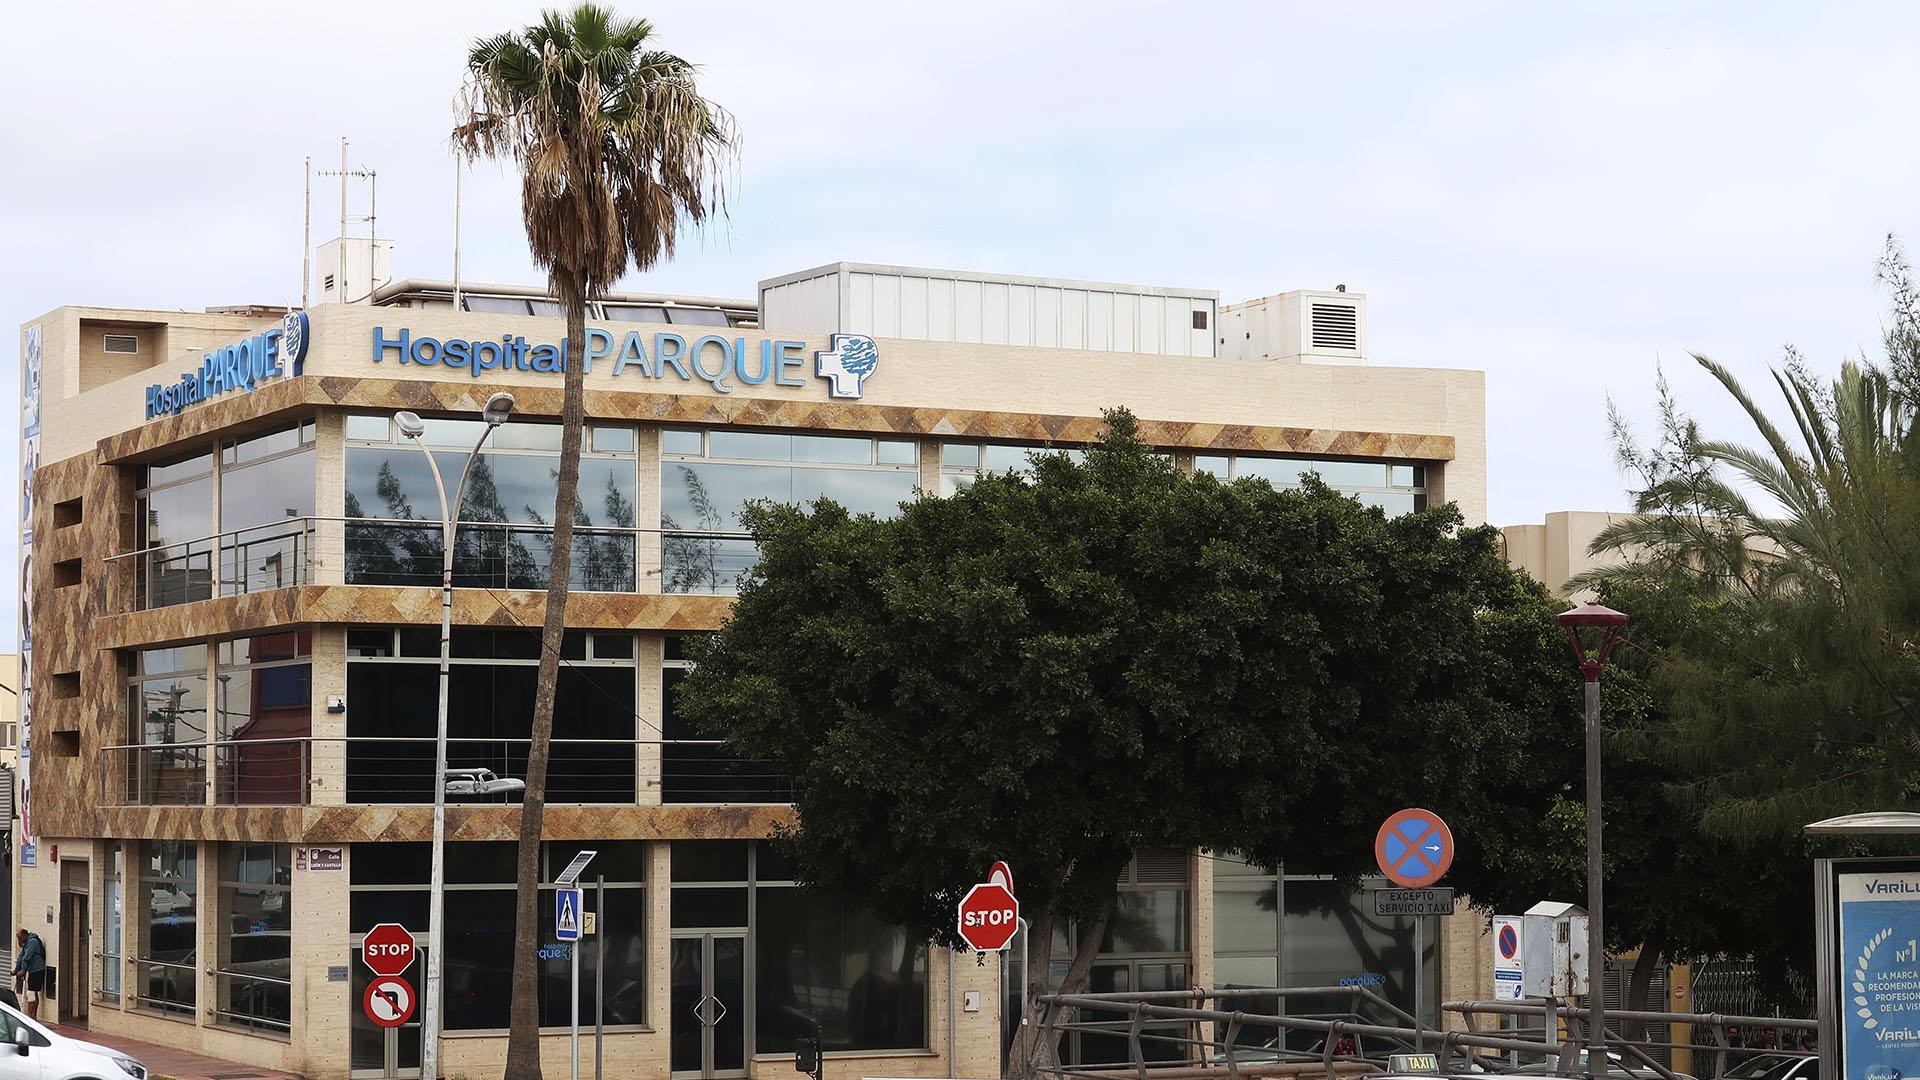 Clinica Hospital El Parque Puerto del Rosario Fuerteventura.